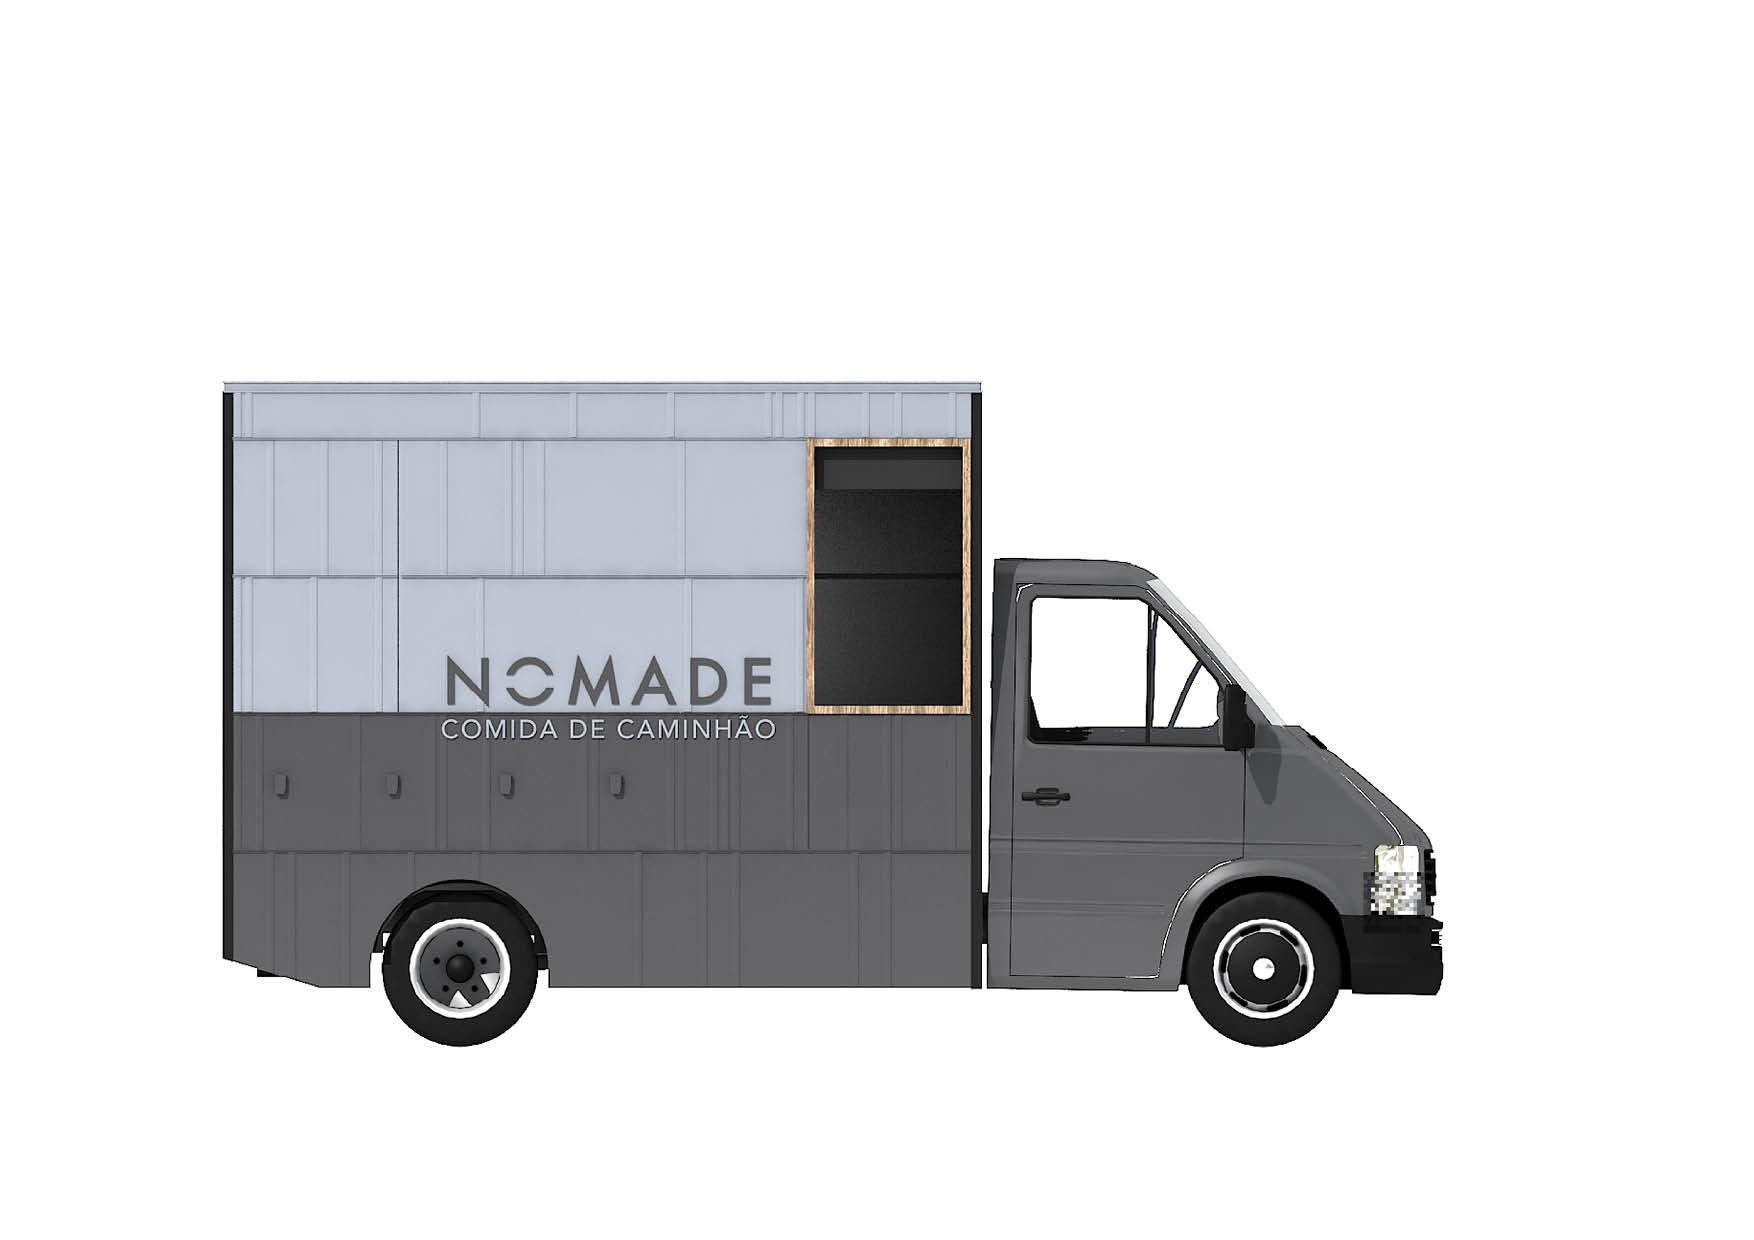 nomade_018.jpg